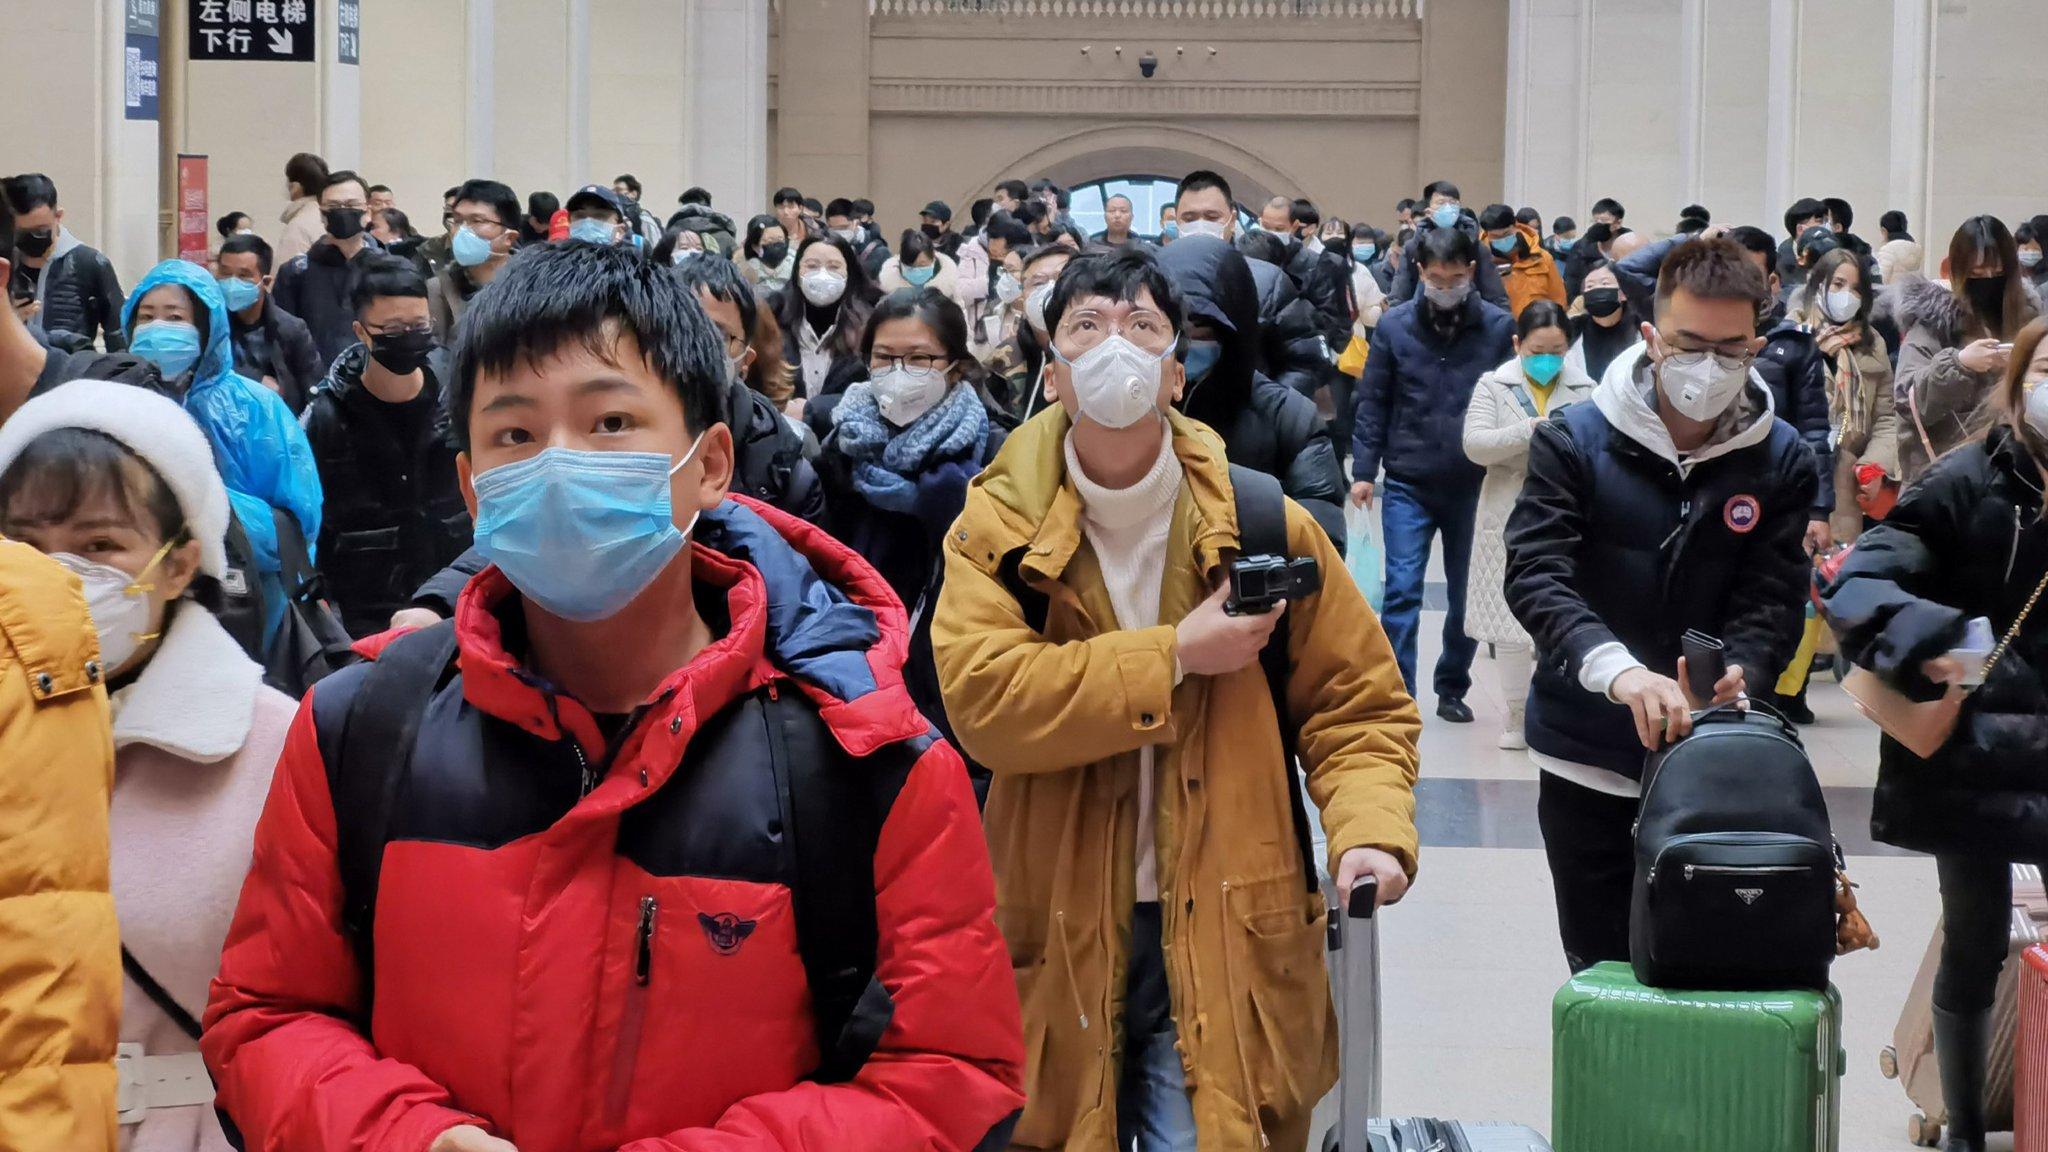 Coronavirus: Wuhan to shut public transport over outbreak зурган илэрцүүд